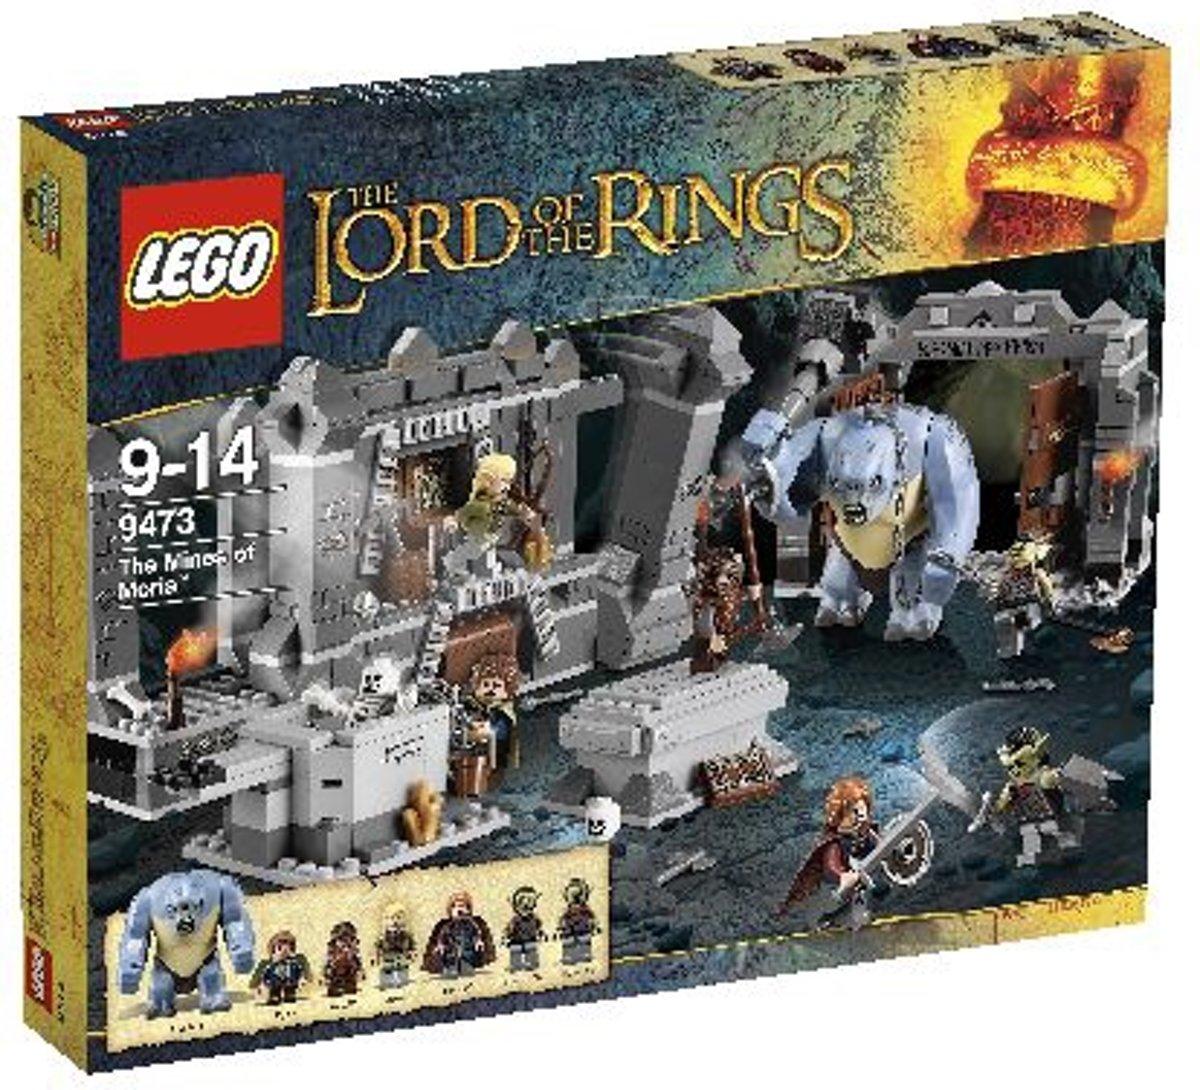 LEGO Lord of the Rings De Mijnen van Moria - 9473